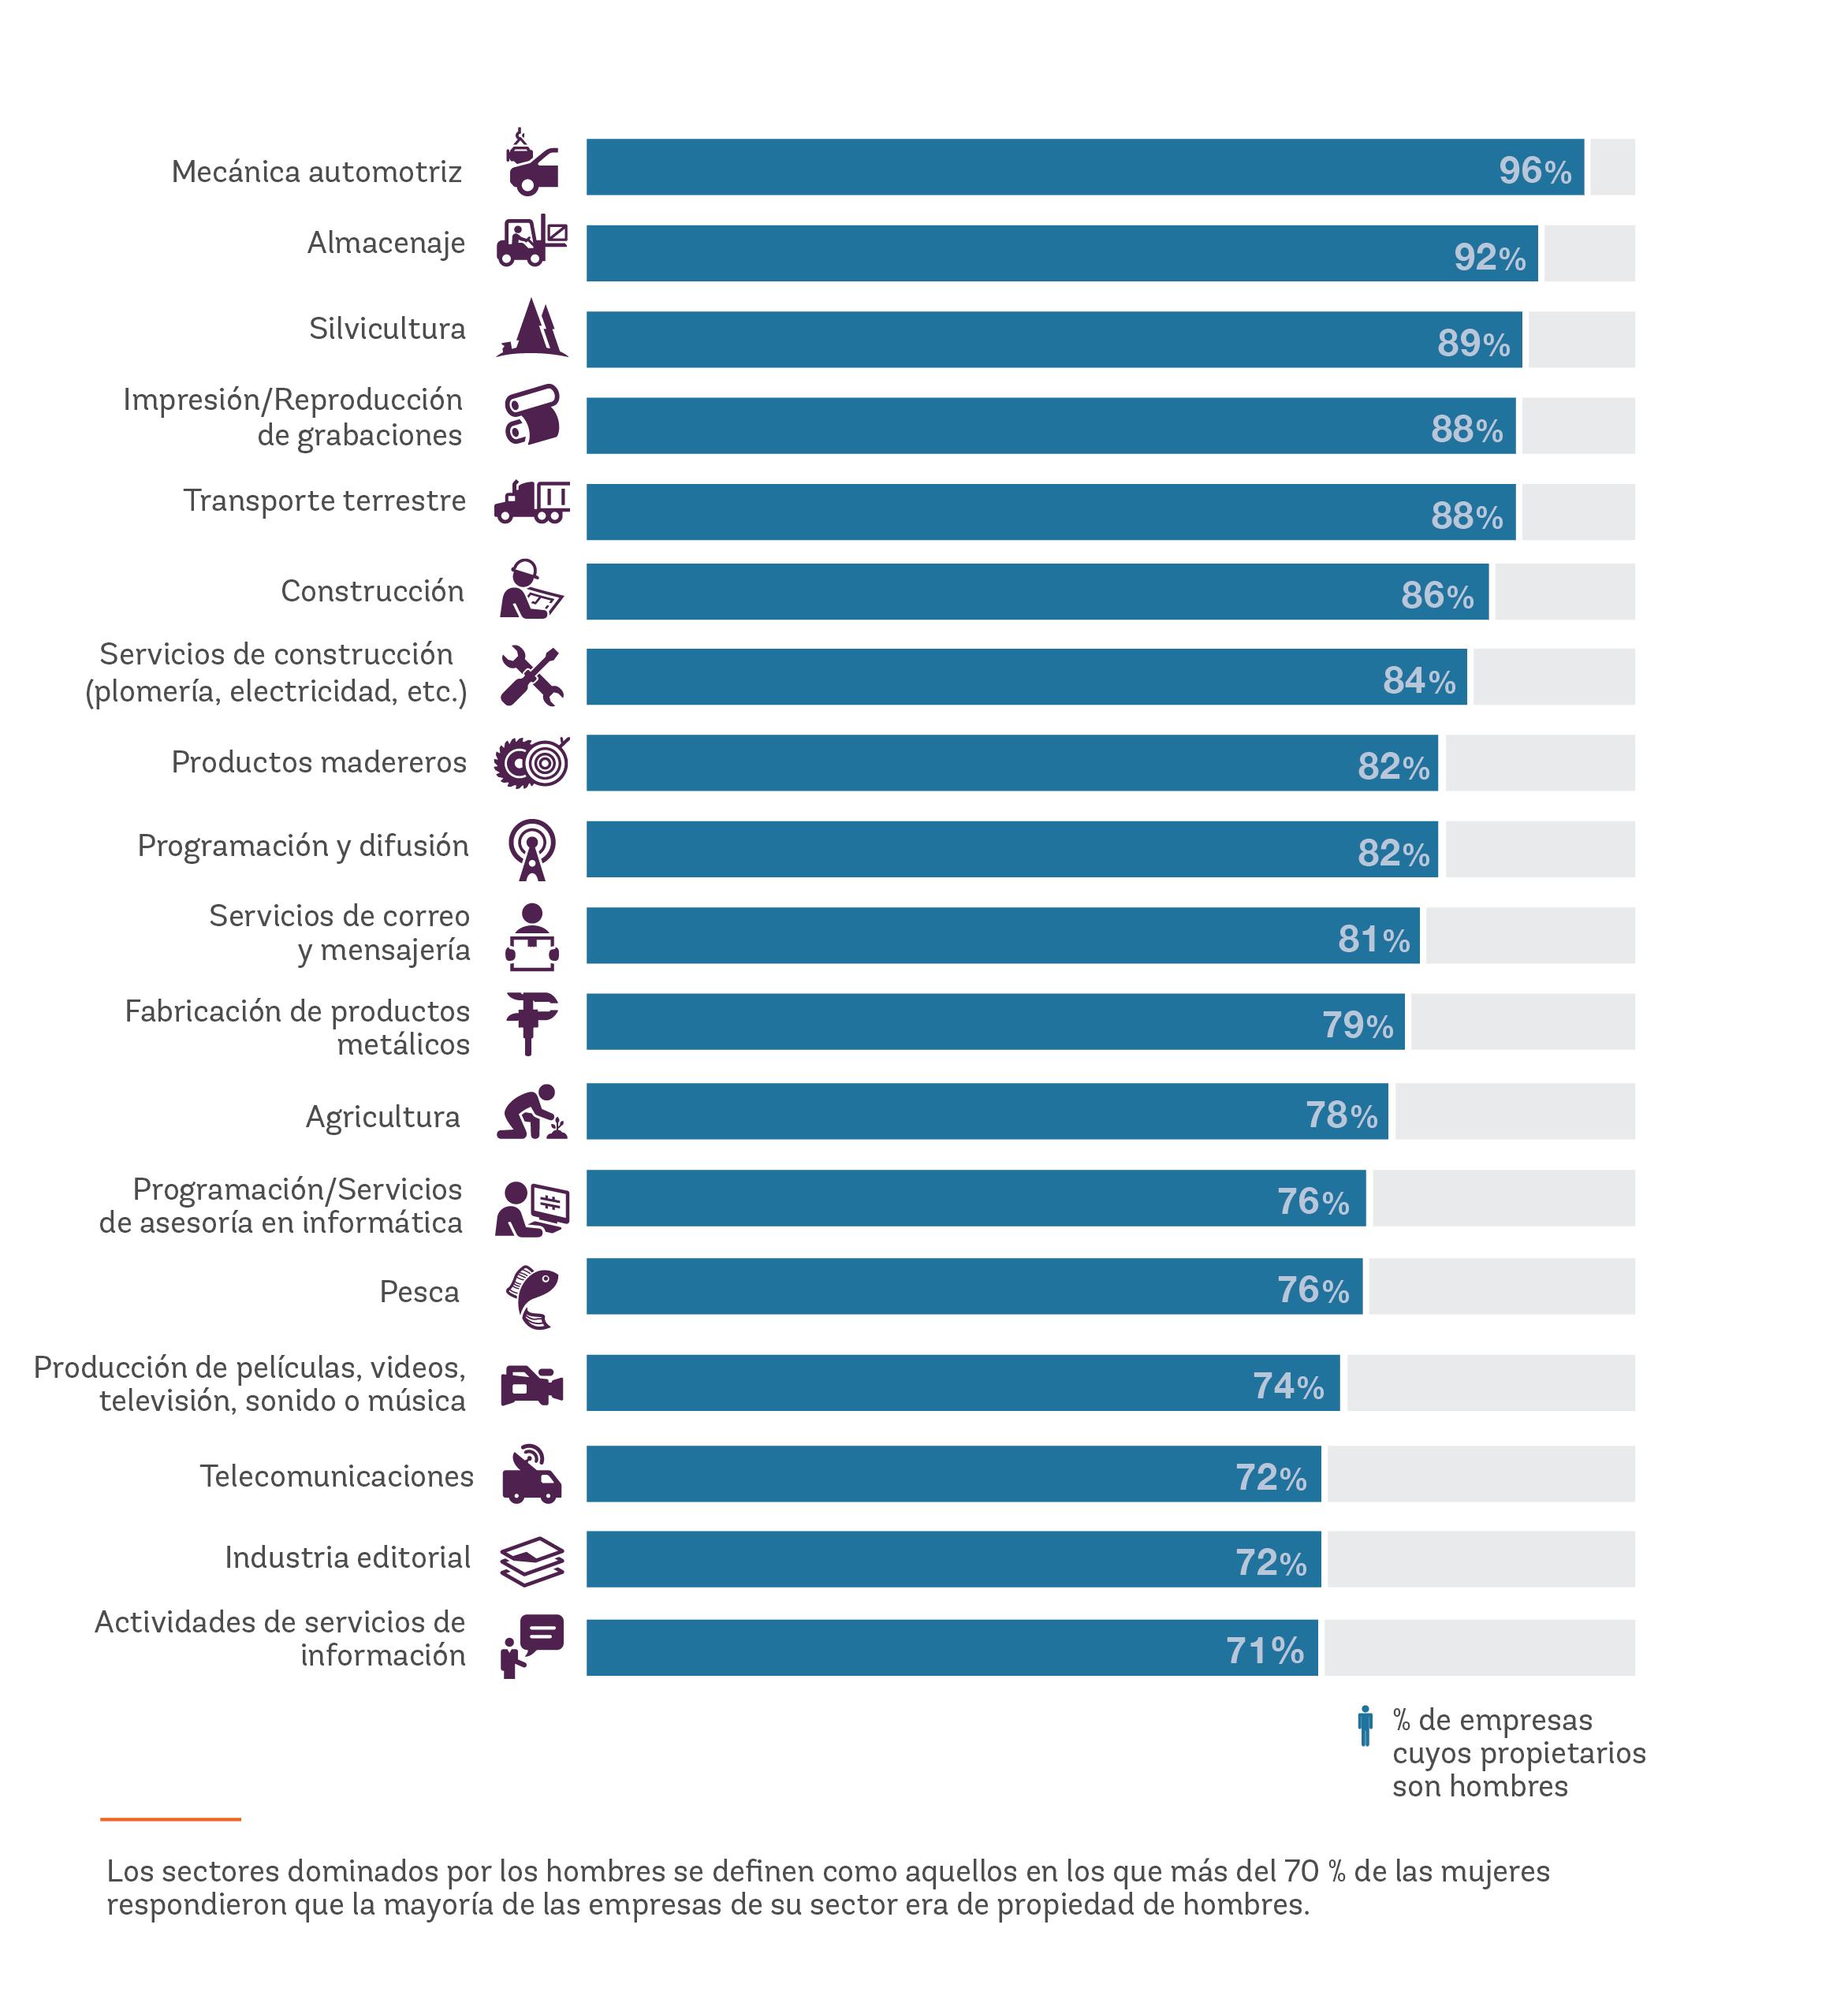 La Jerarquía De Ingresos A Nivel Mundial El Género Y La Elección De Sectores De Actividad Empresarial